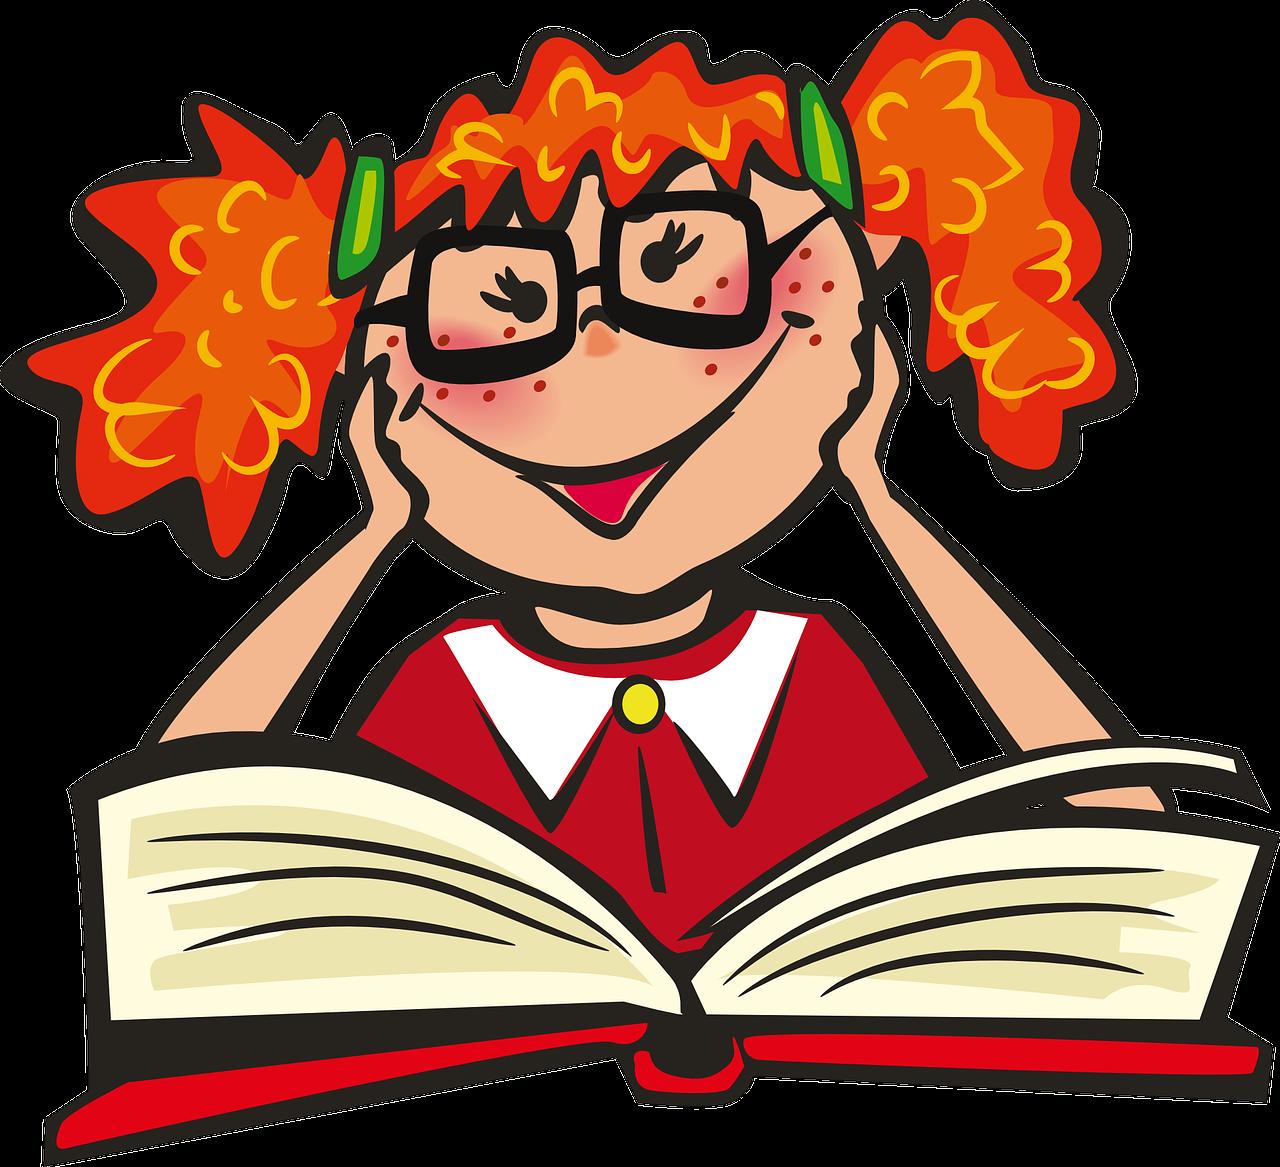 Открытка, веселые картинки о книгах